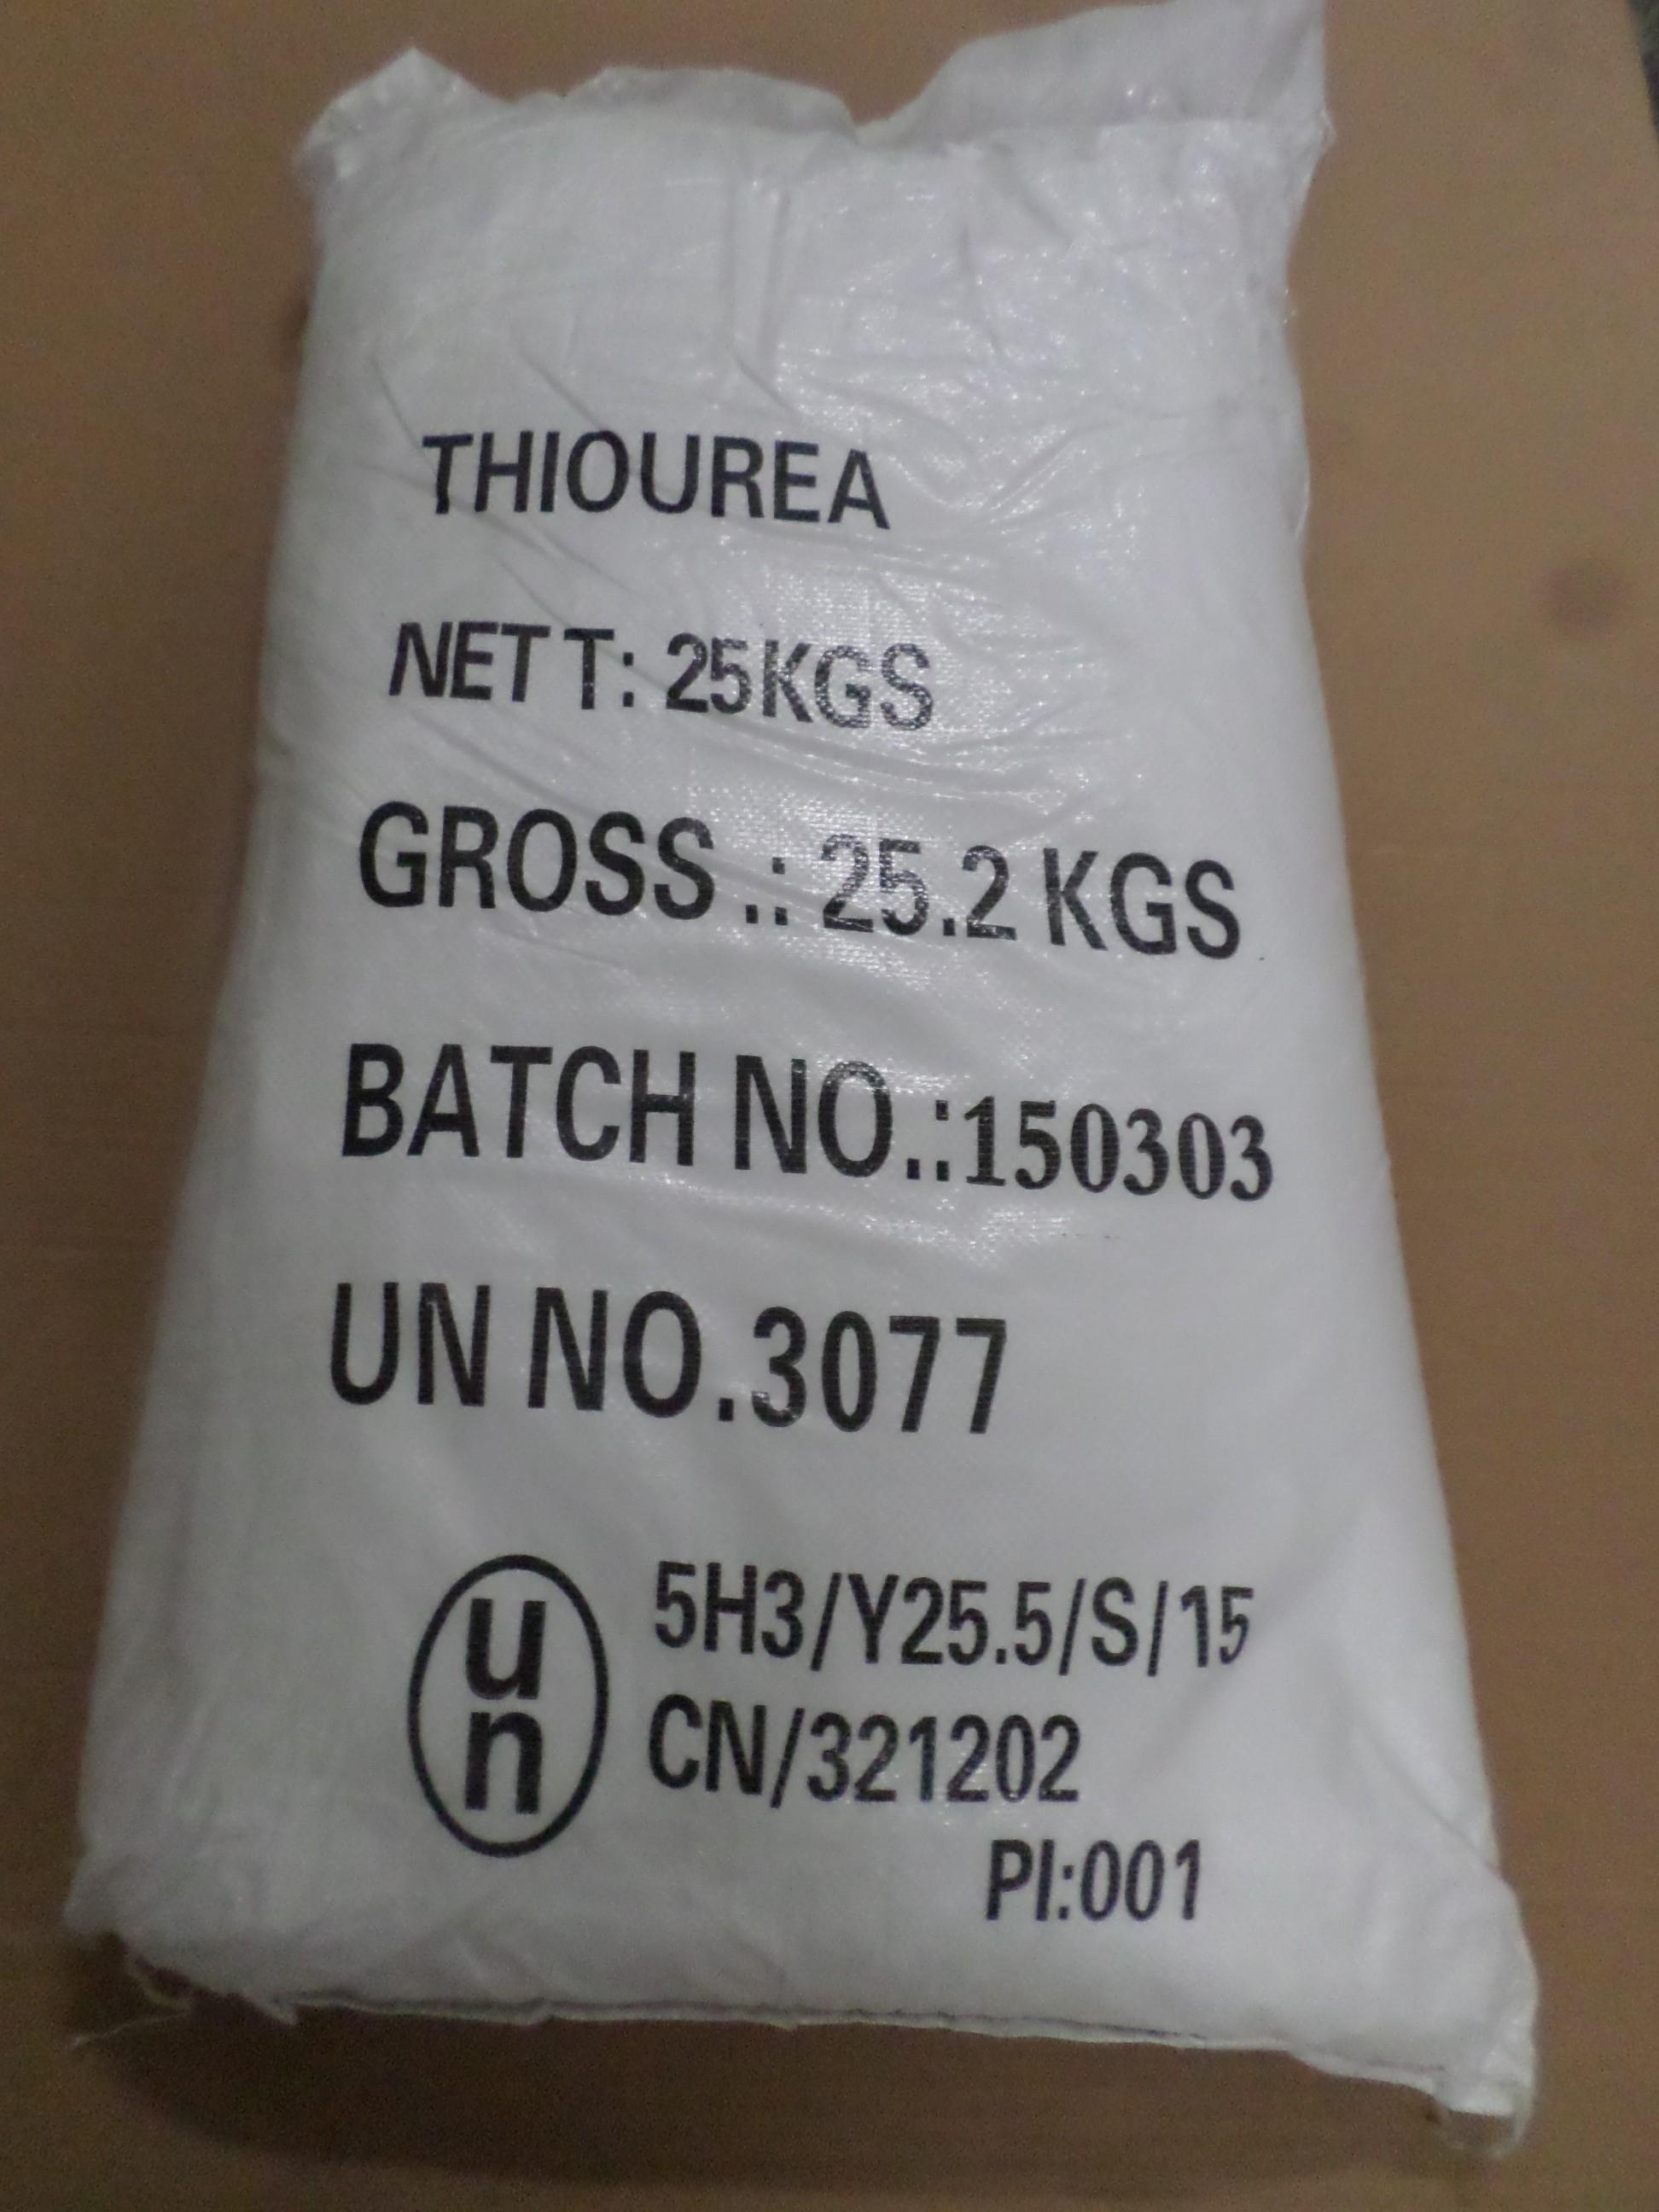 Thiourea - Thioharnstoff